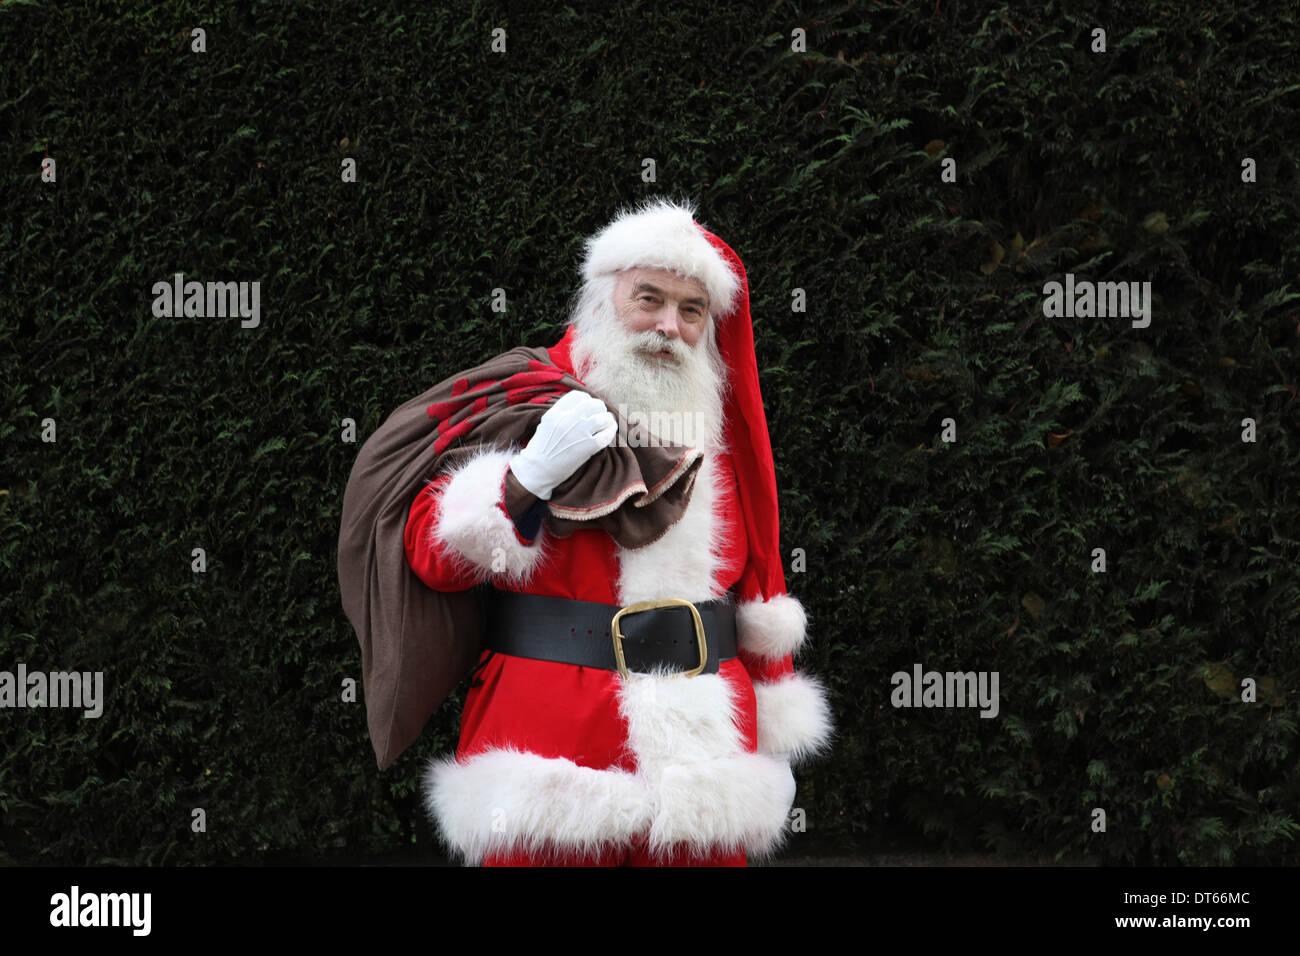 Santa Claus llevando saco sobre el hombro Imagen De Stock